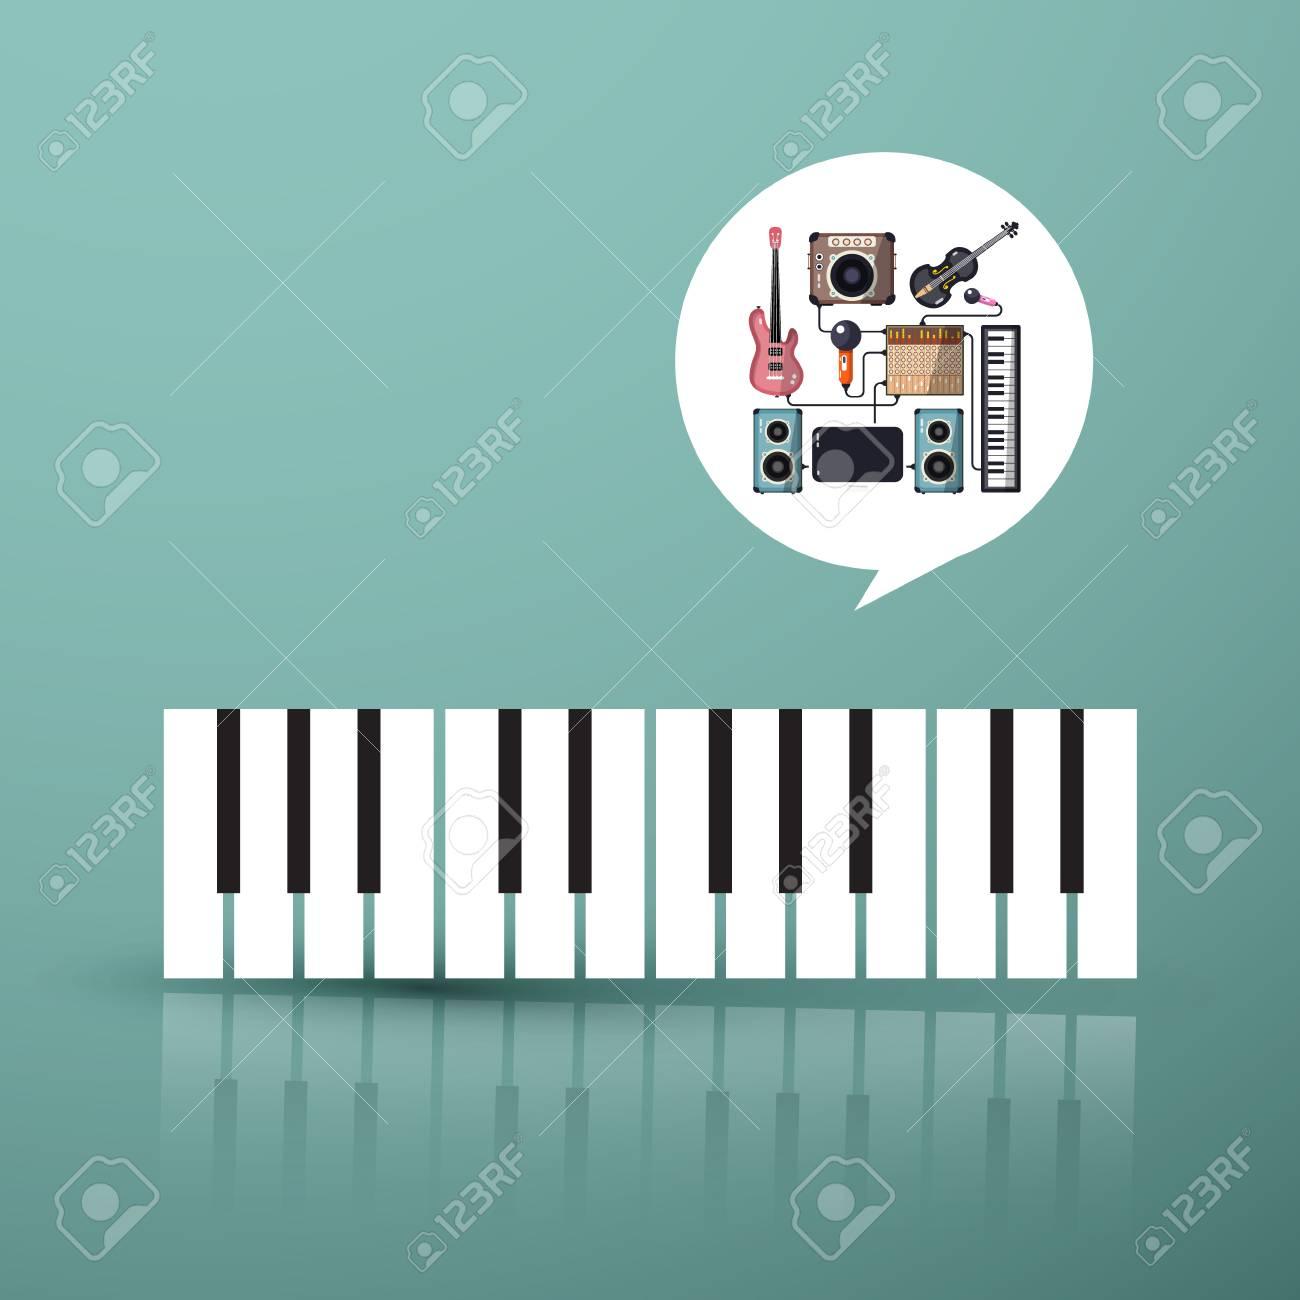 Símbolo De La Música Teclado De Piano Con Instrumentos En Burbuja